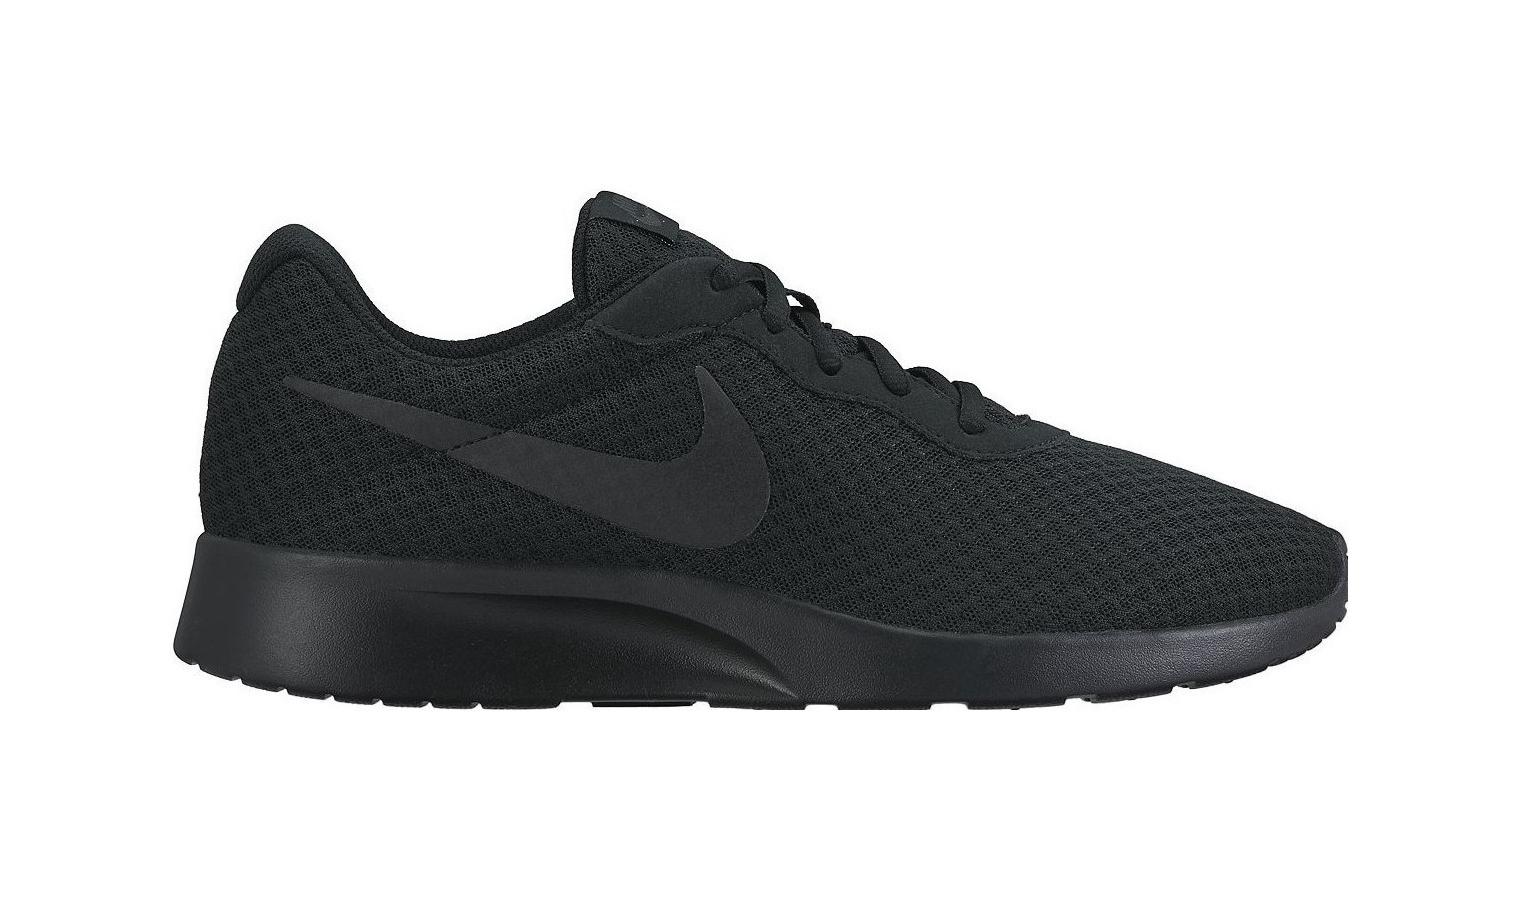 Pánské boty Nike TANJUN černé  941fa164d8